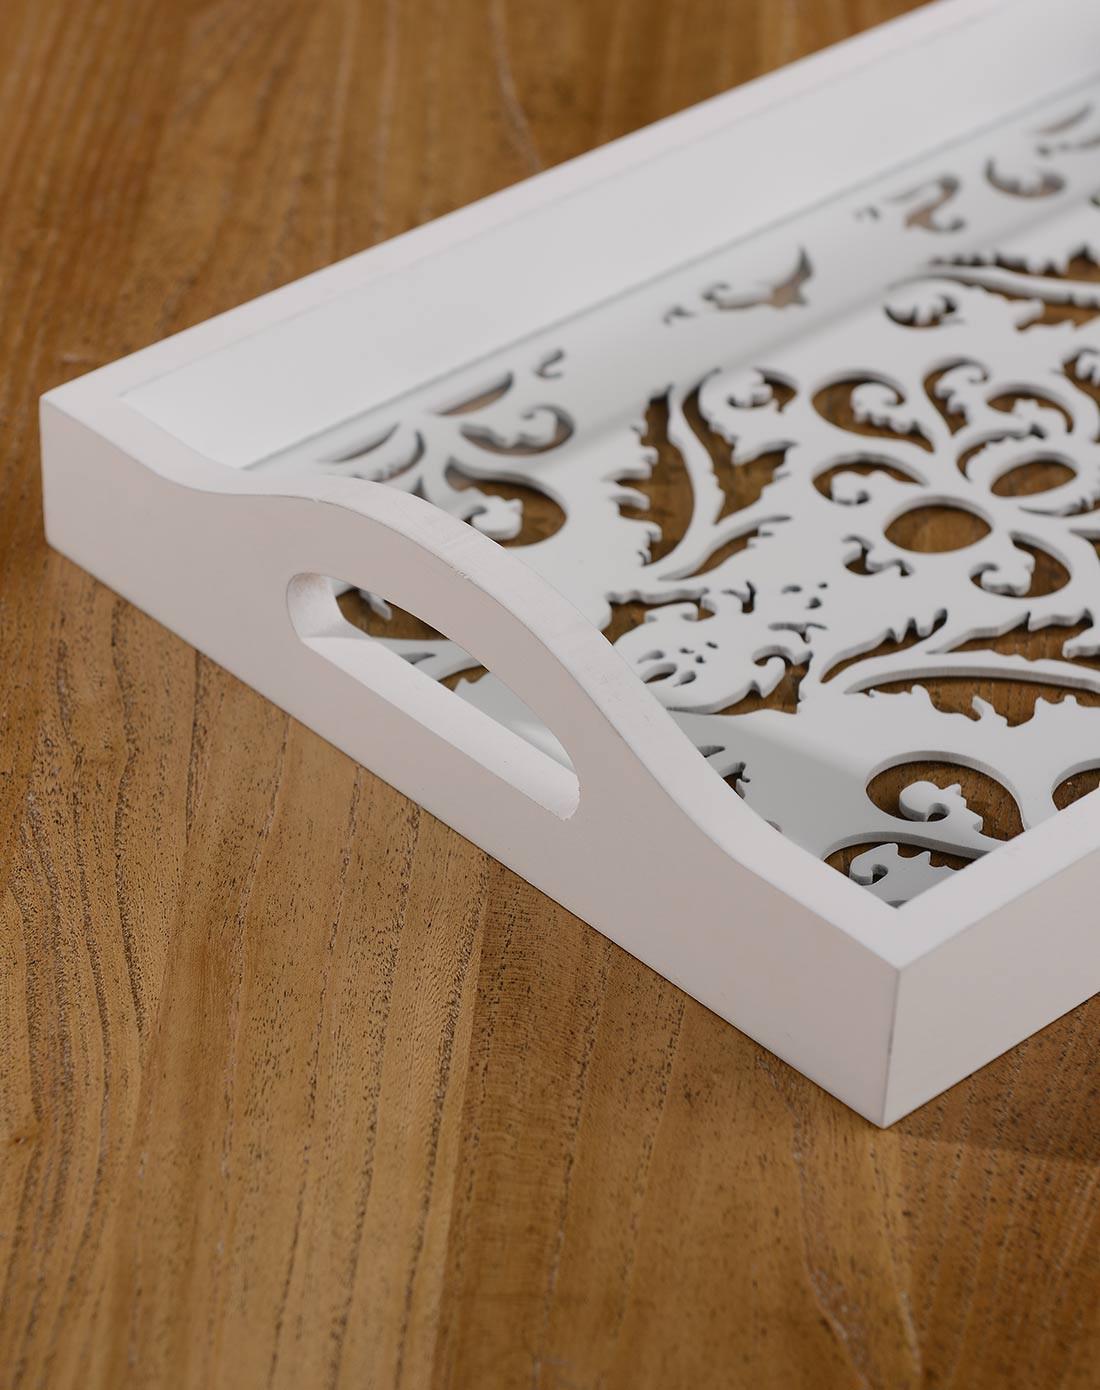 复古镂空雕花长方形托盘 c款 白色